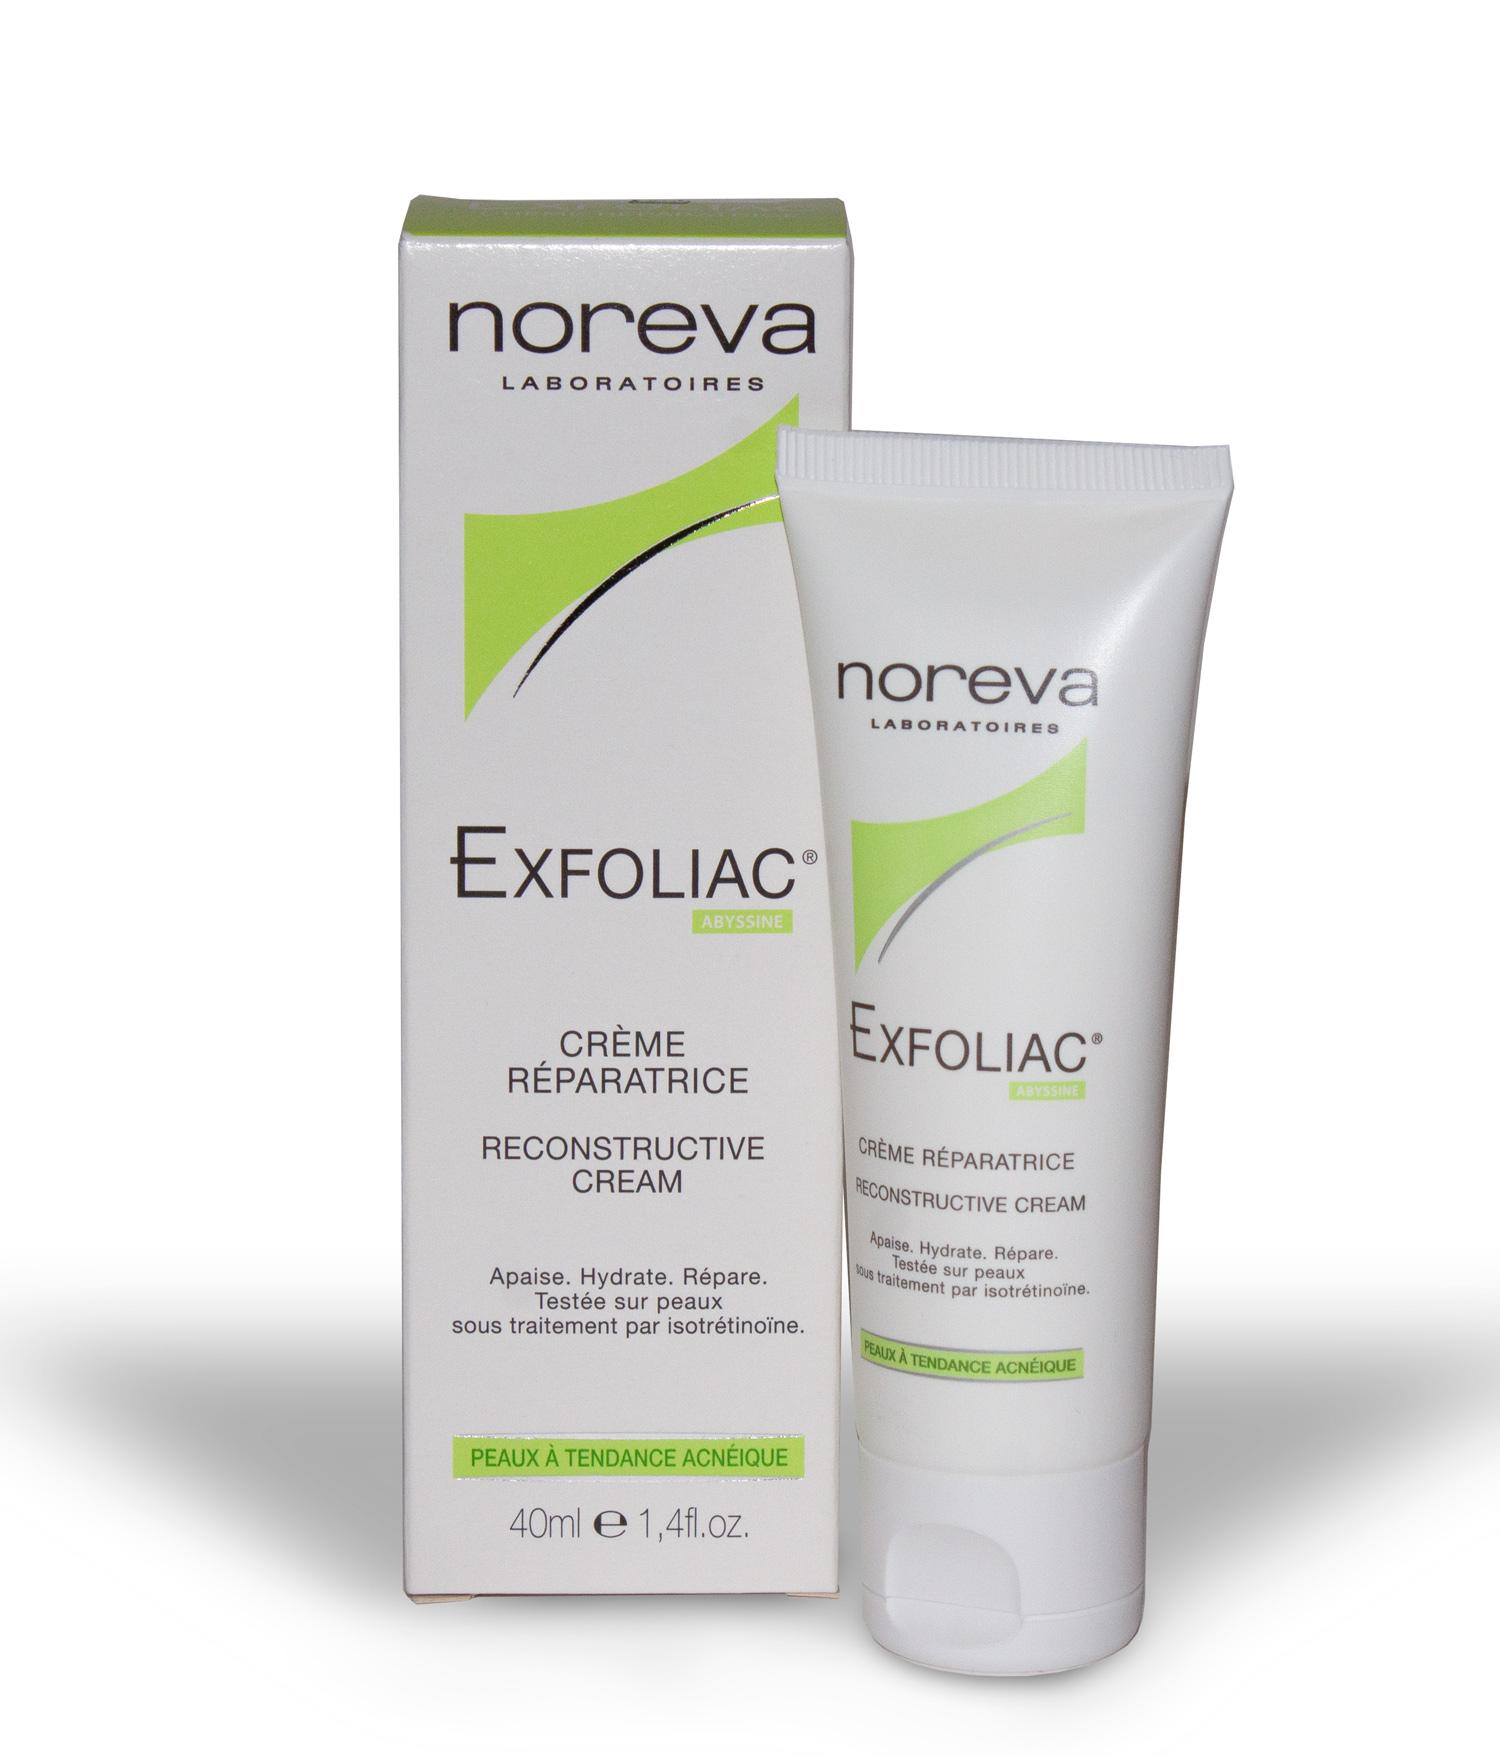 noreva exfoliac косметика купить